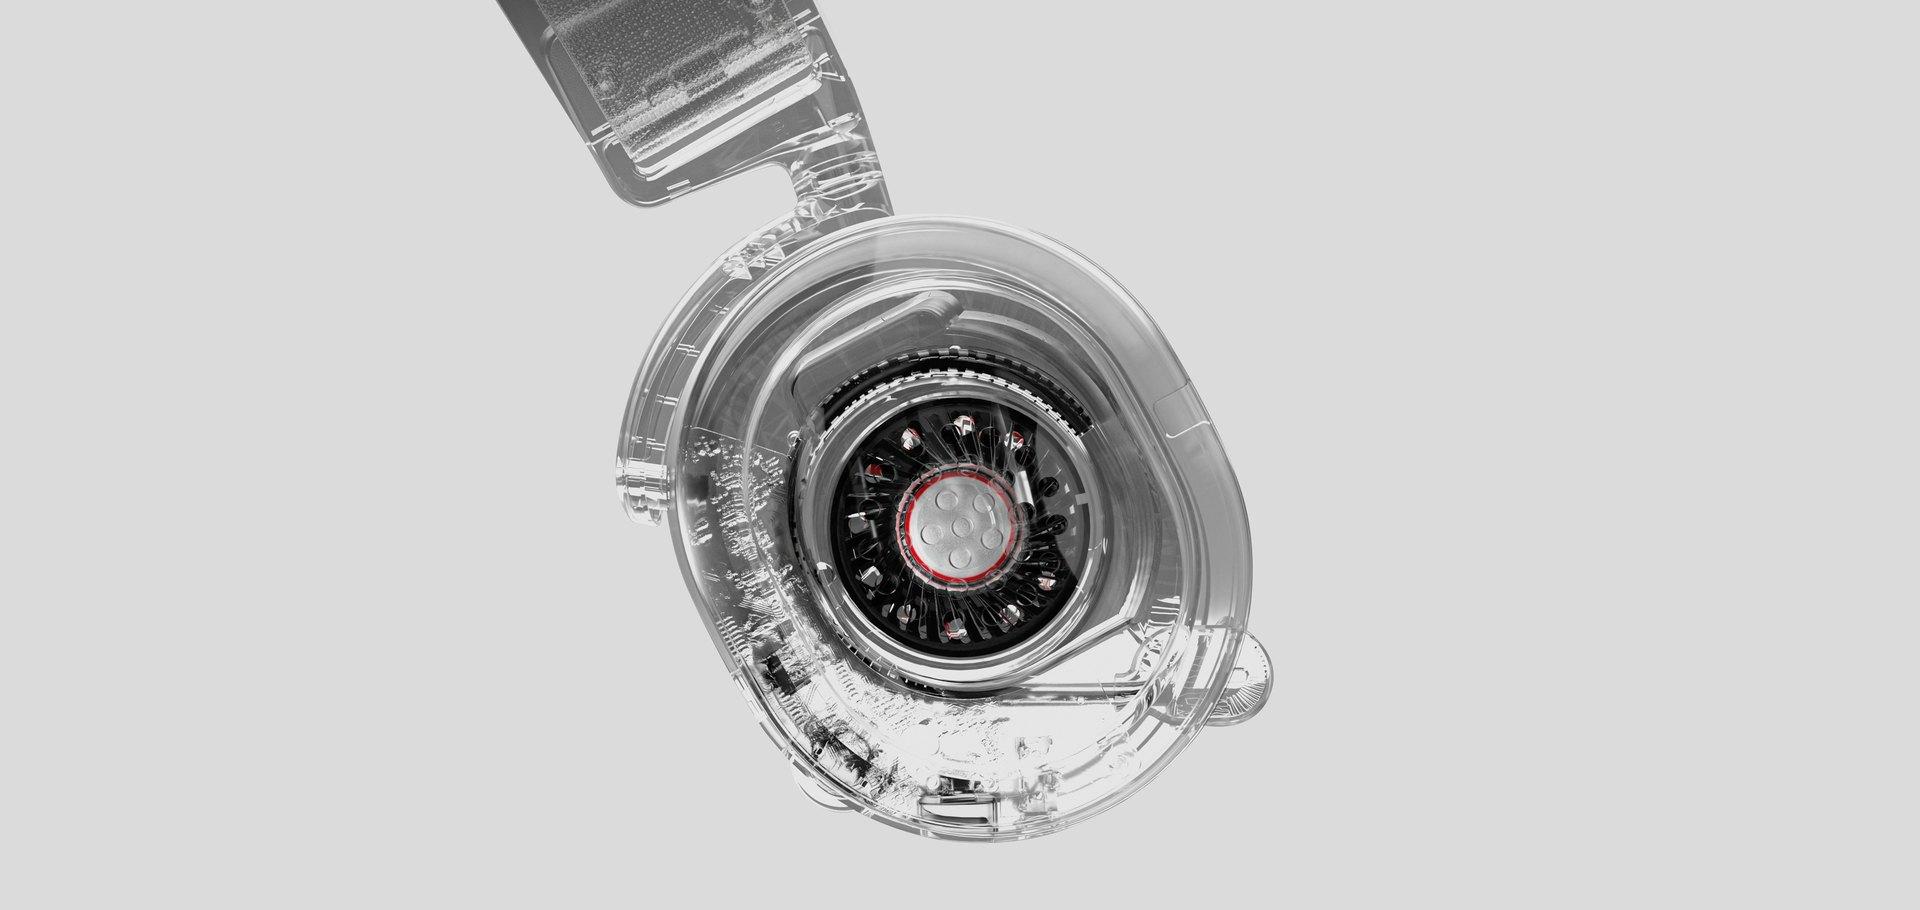 Arctis Prime 麥克風與耳罩的清晰特寫。